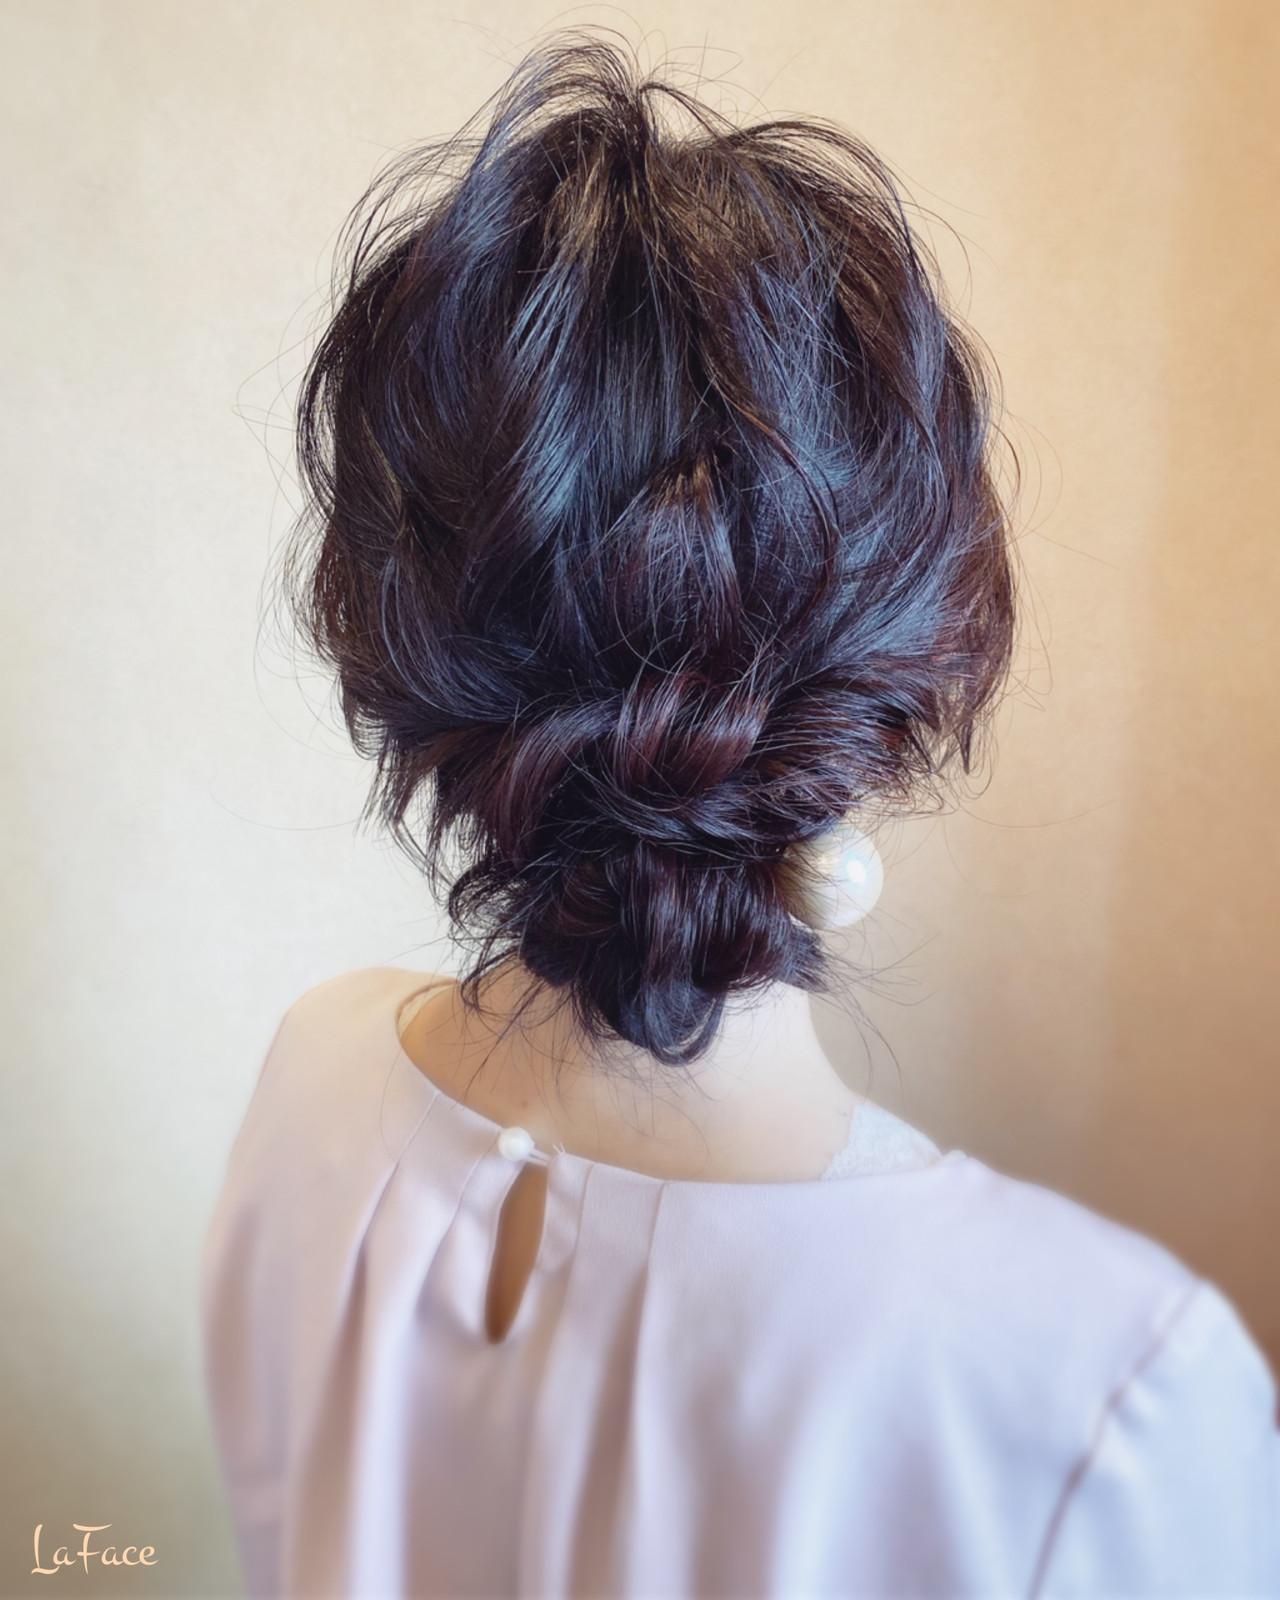 結婚式 シニヨン ヘアアレンジ パーティ ヘアスタイルや髪型の写真・画像